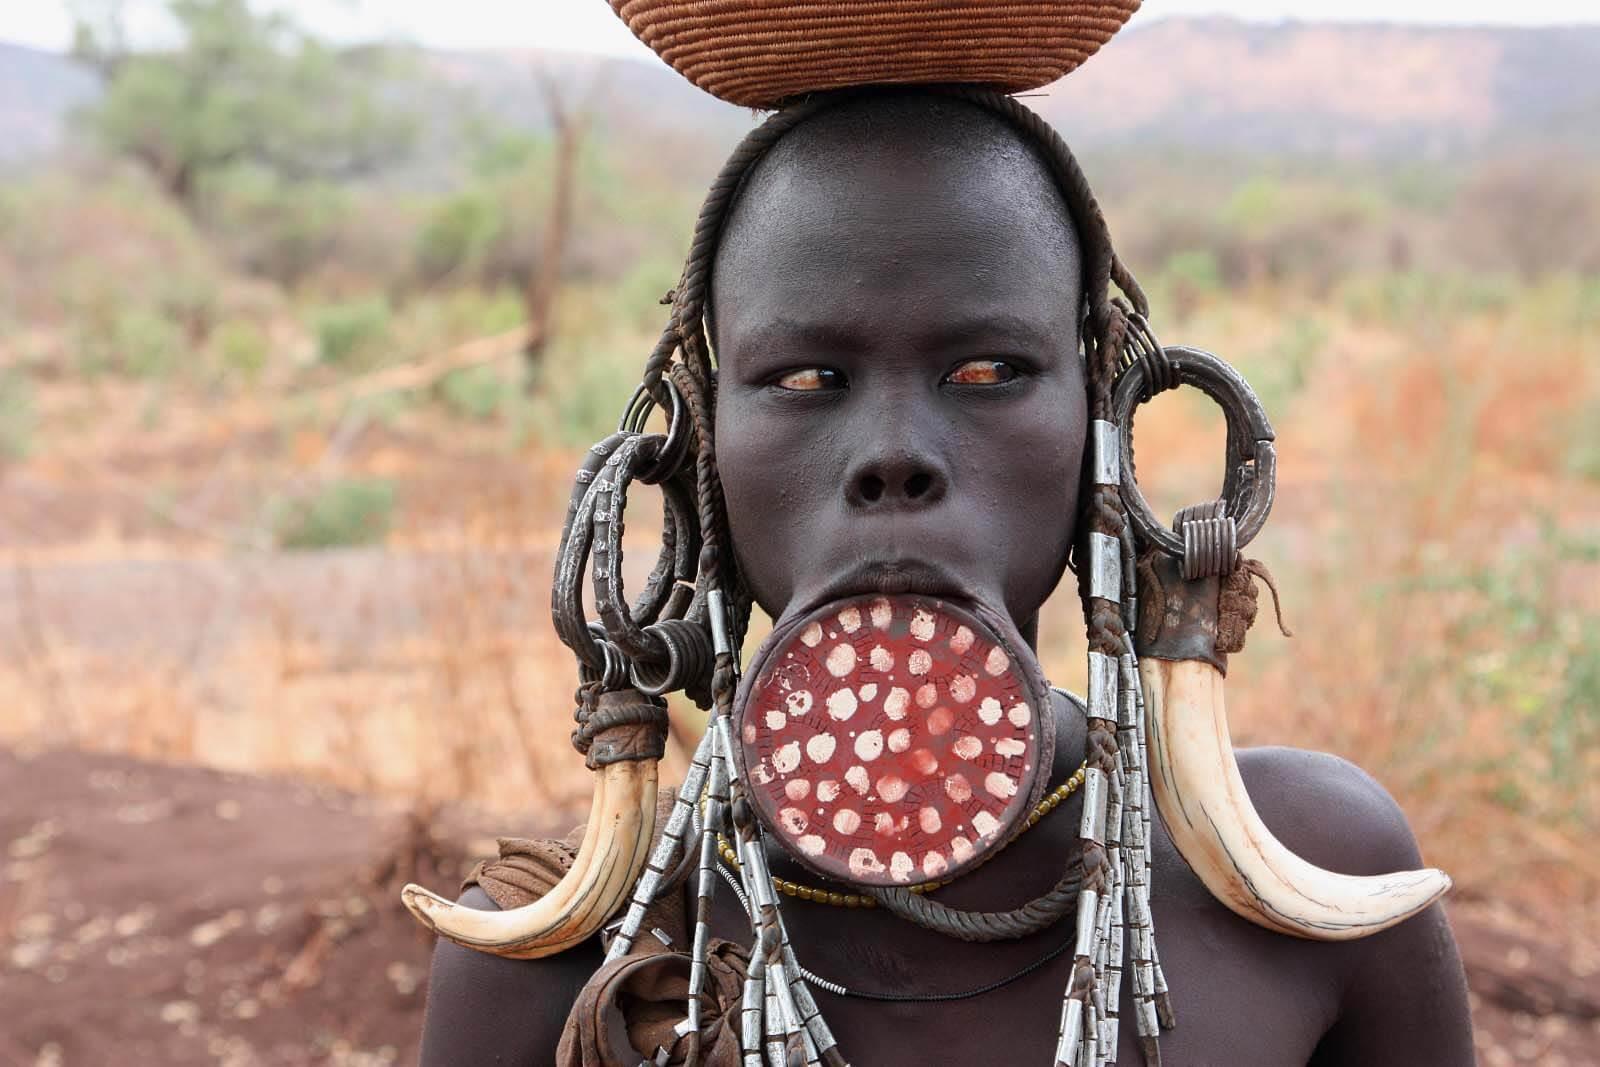 Mursi tribe Ethiopia - YouTube